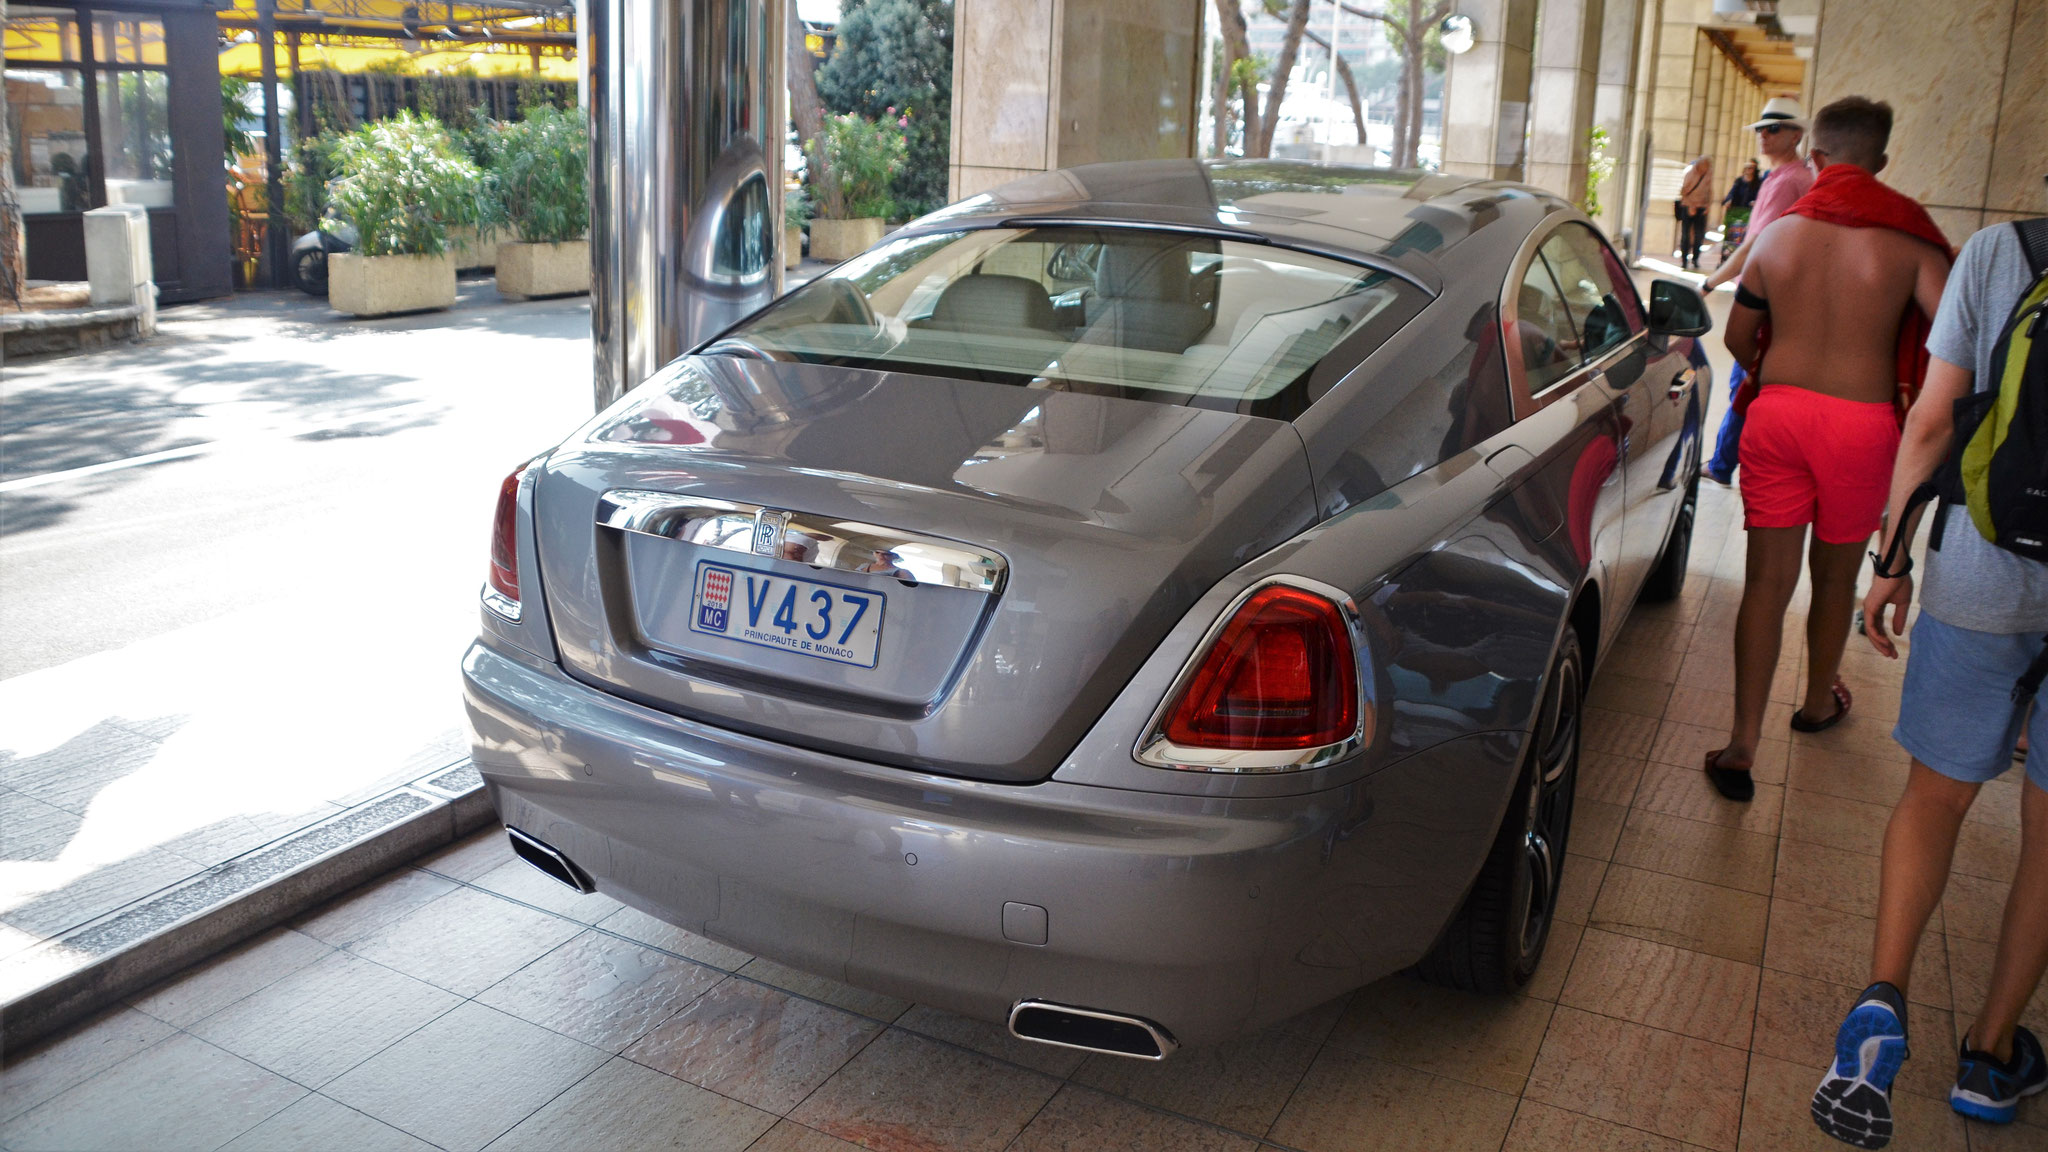 Rolls Royce Wraith - V437 (MC)